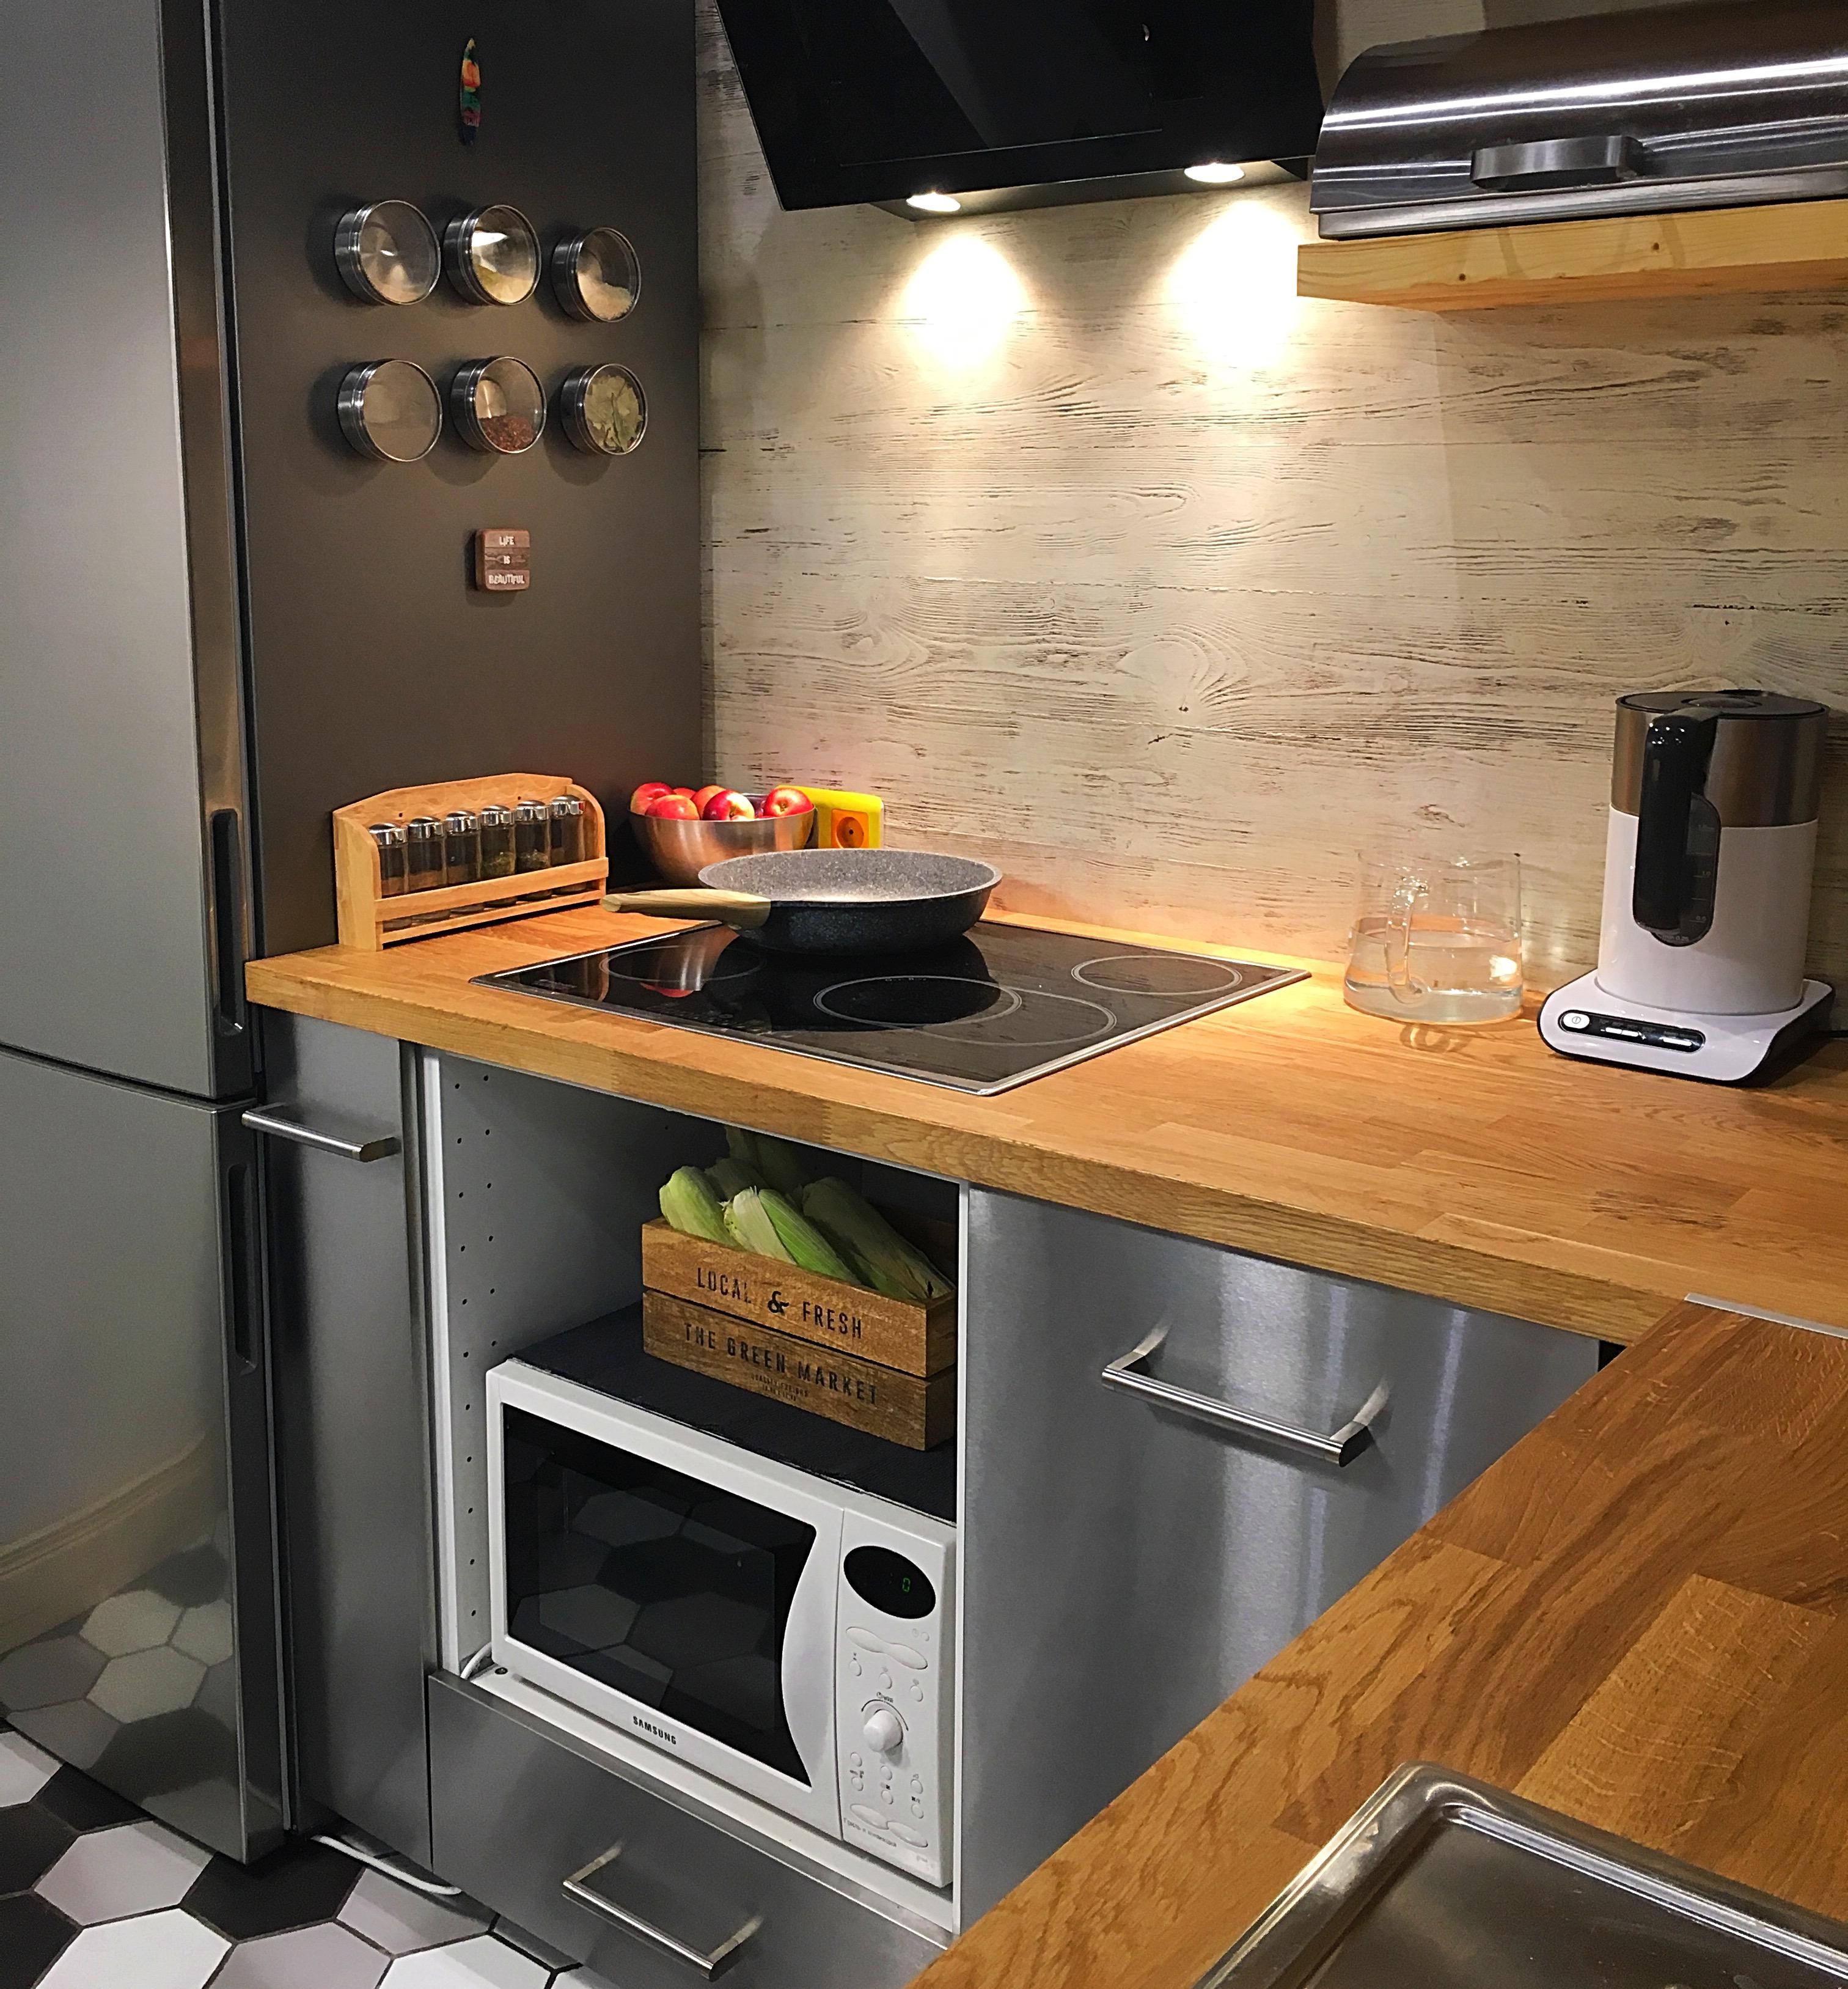 Ikea Kitchen Ads: Kitchen From IKEA On JaneVasilenko